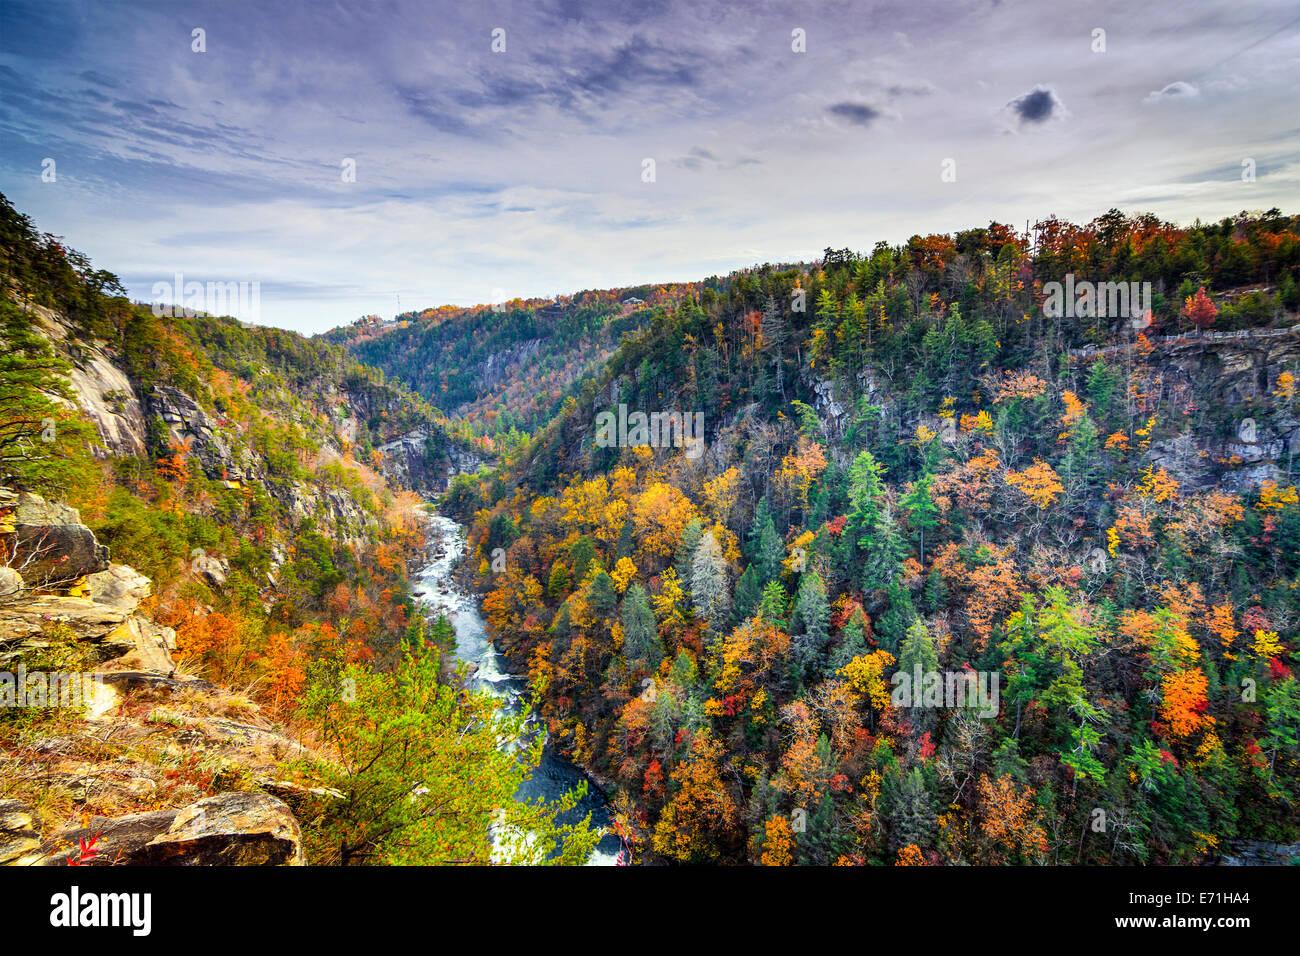 Gorges de Tallulah en Géorgie, USA au cours de saison d'automne. Photo Stock